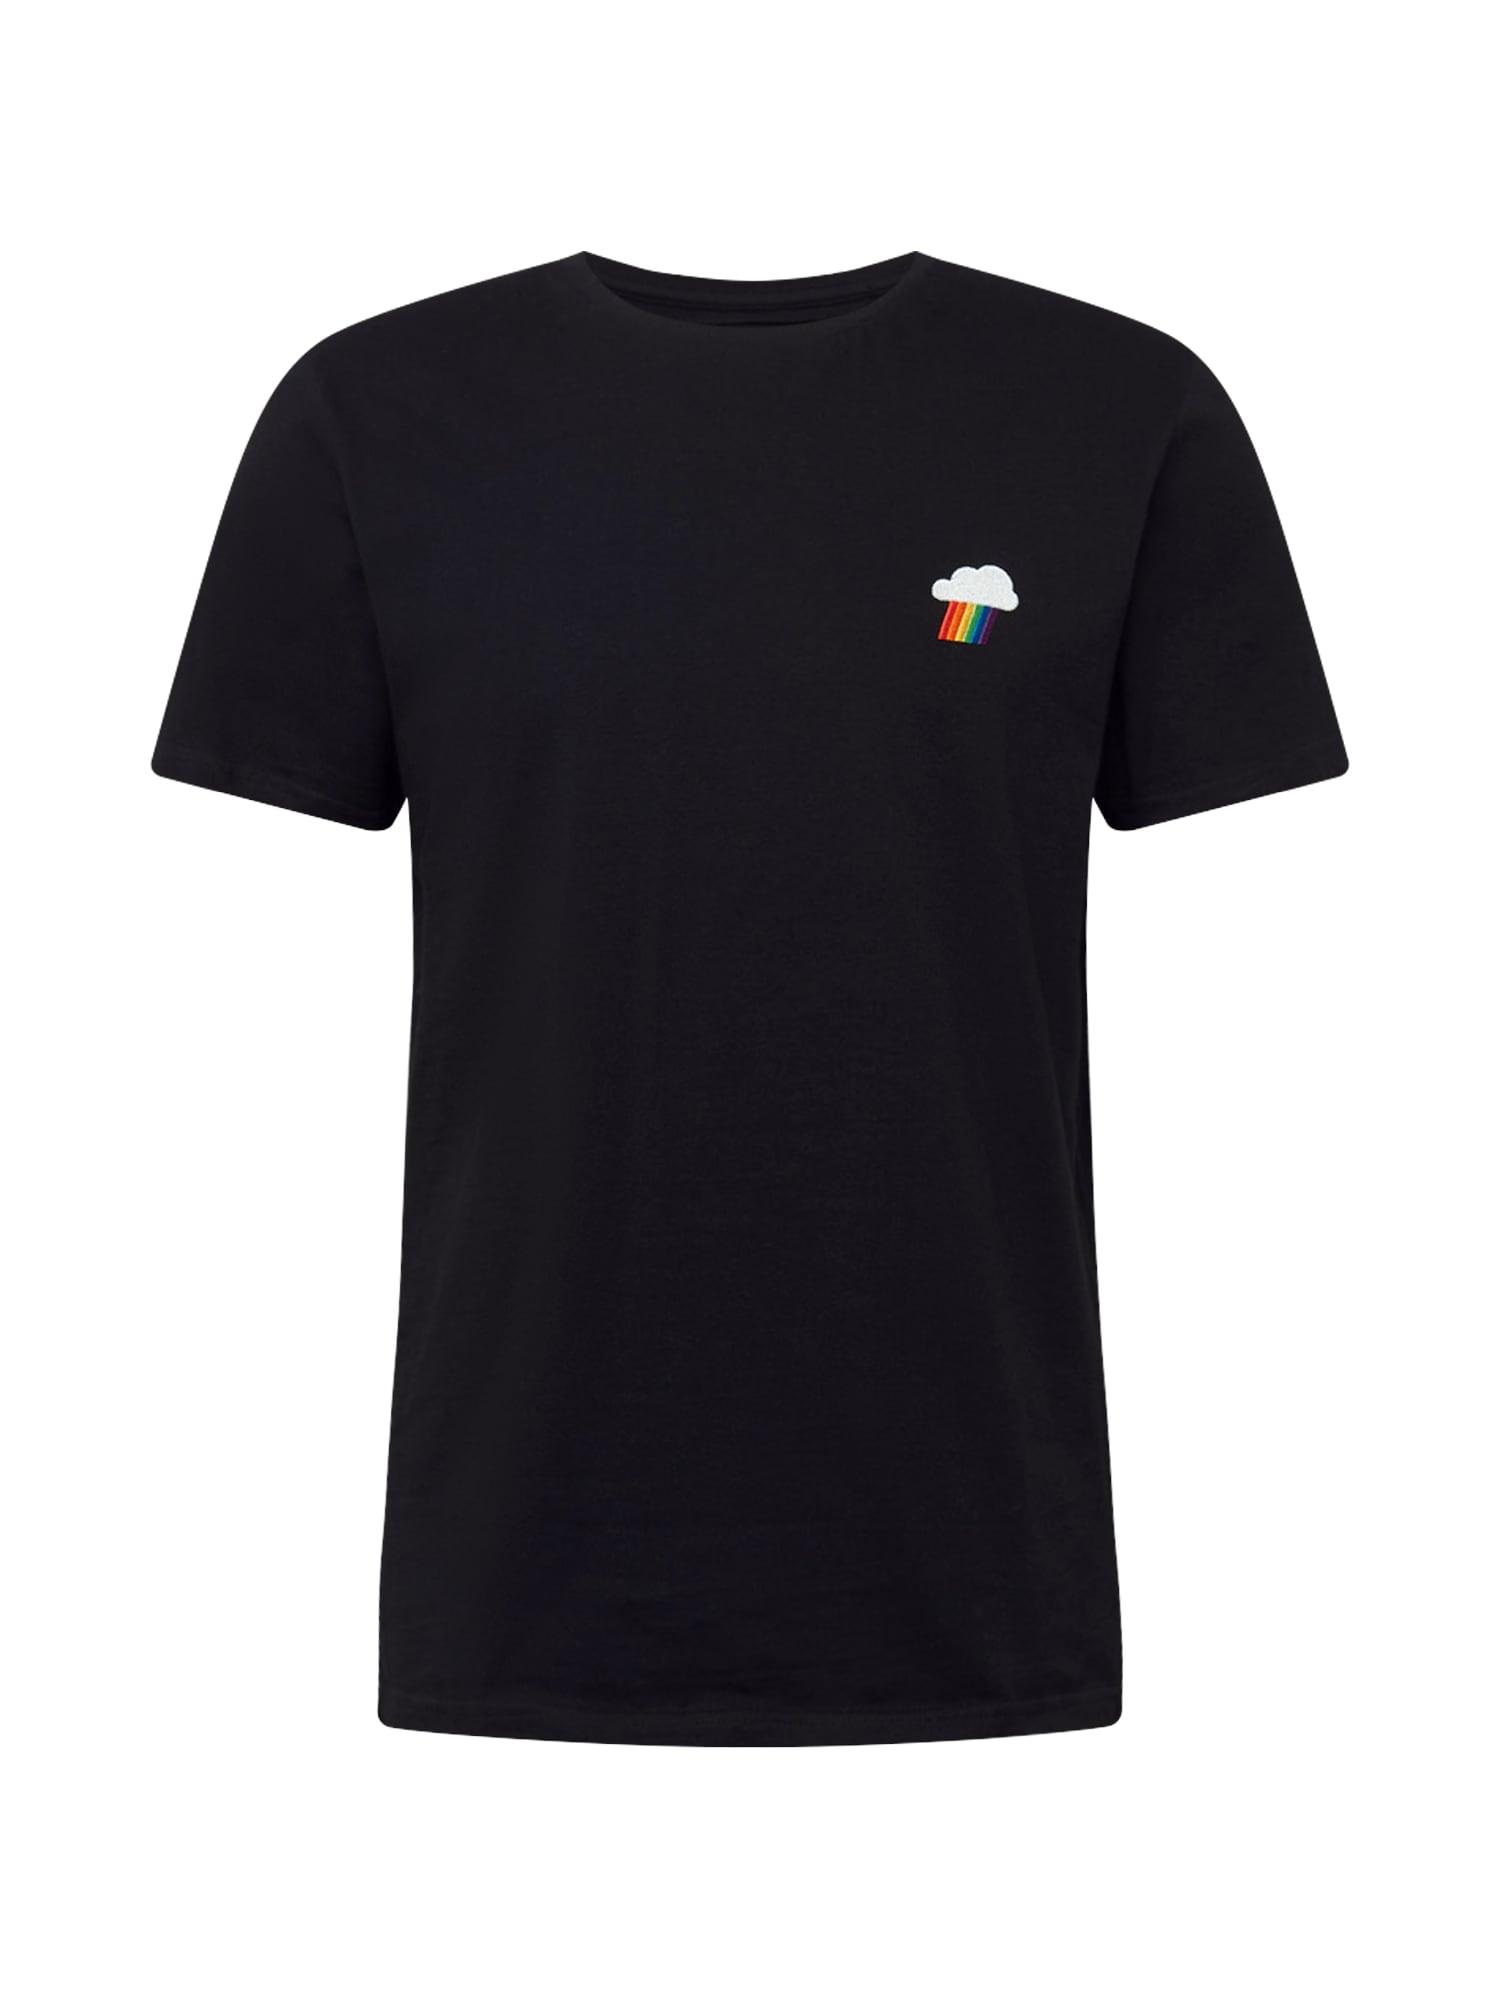 DEDICATED. Marškinėliai 'Stockholm' juoda / balta / mišrios spalvos